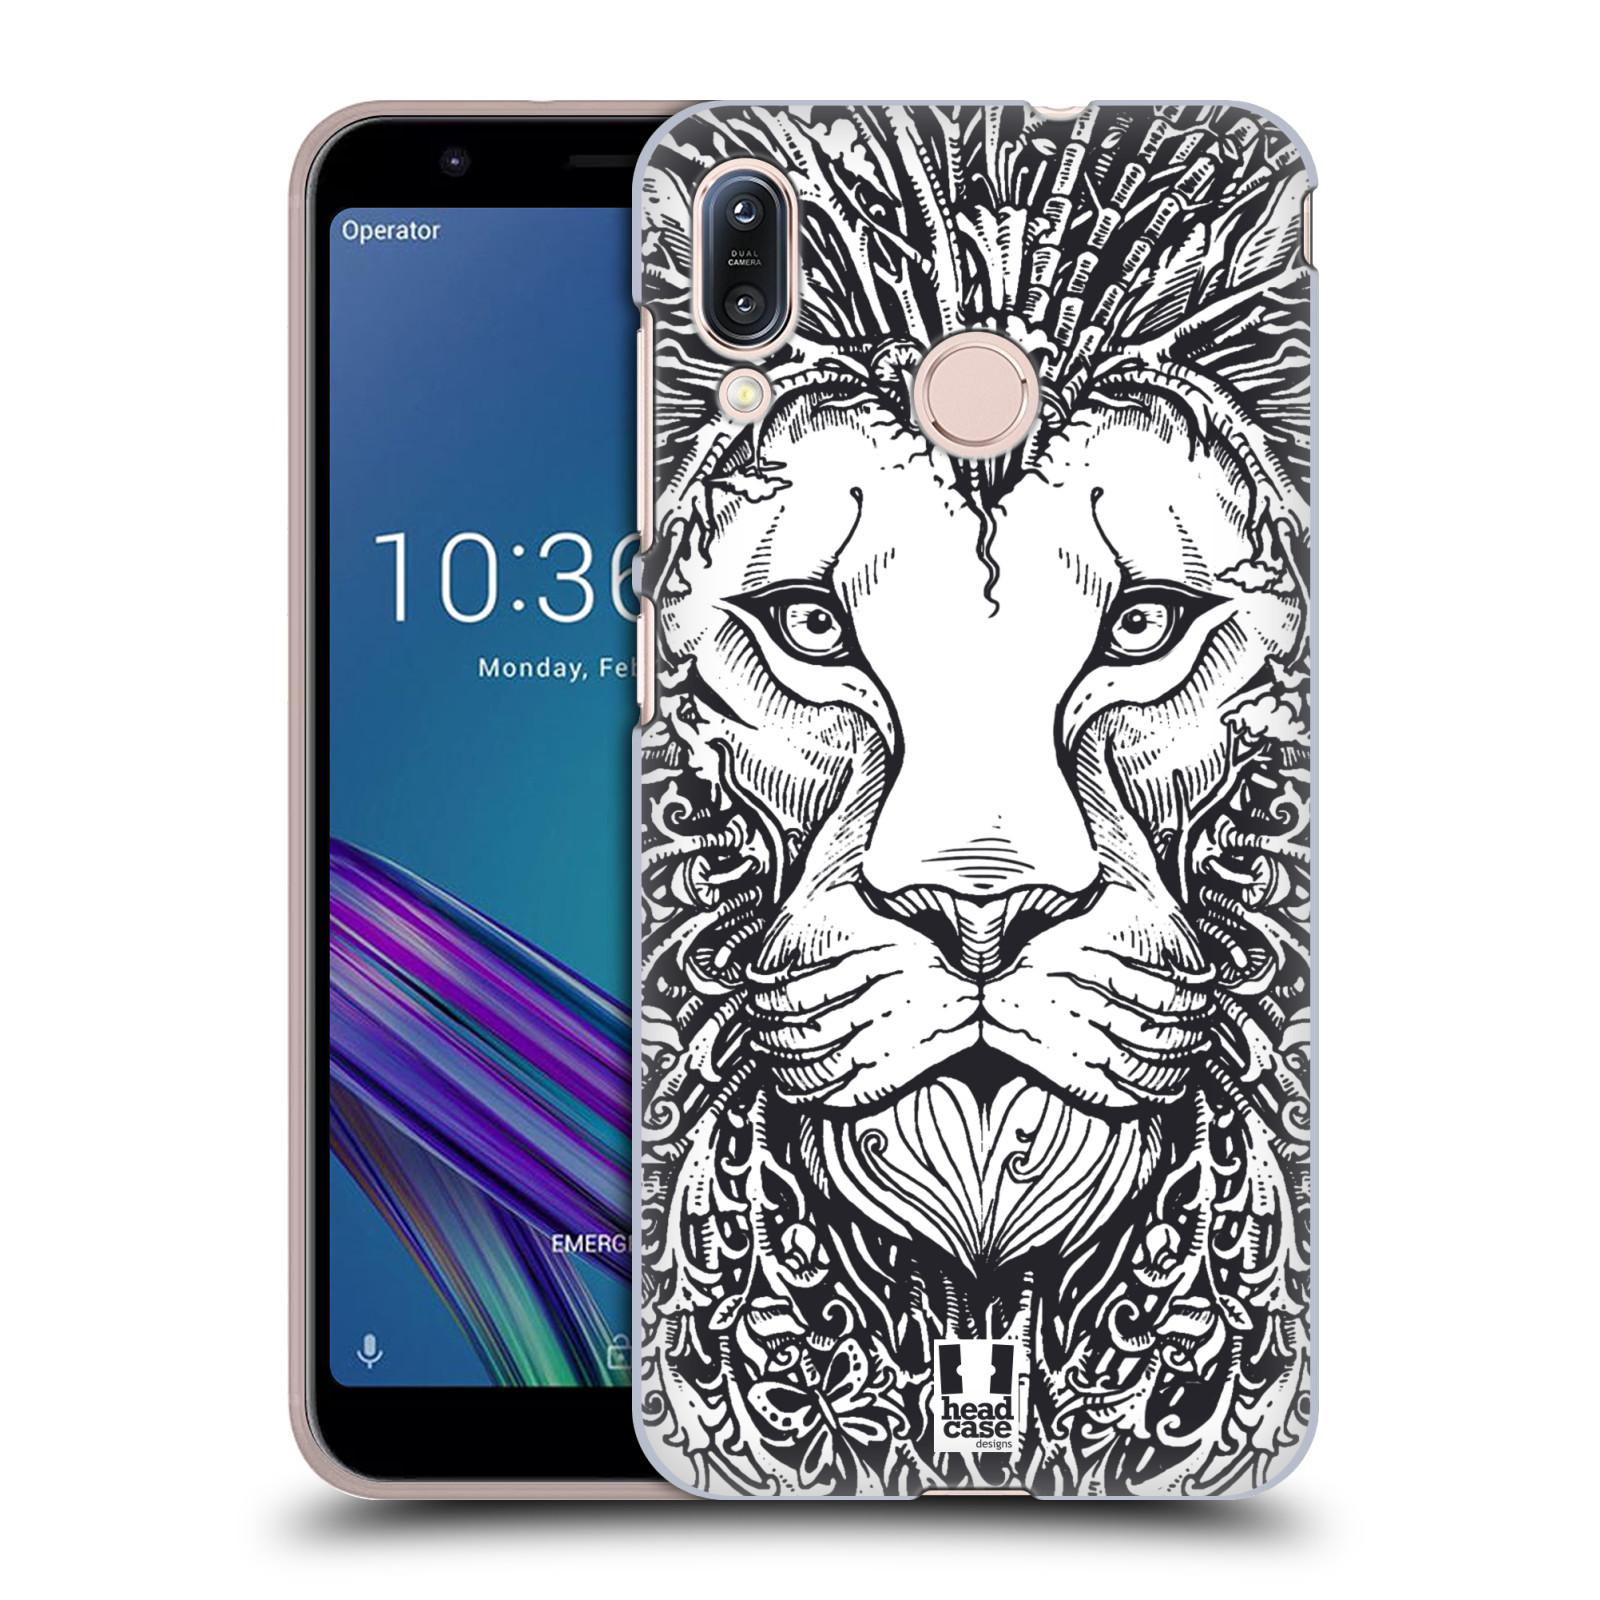 Plastové pouzdro na mobil Asus Zenfone Max M1 ZB555KL - Head Case - DOODLE TVÁŘ LEV